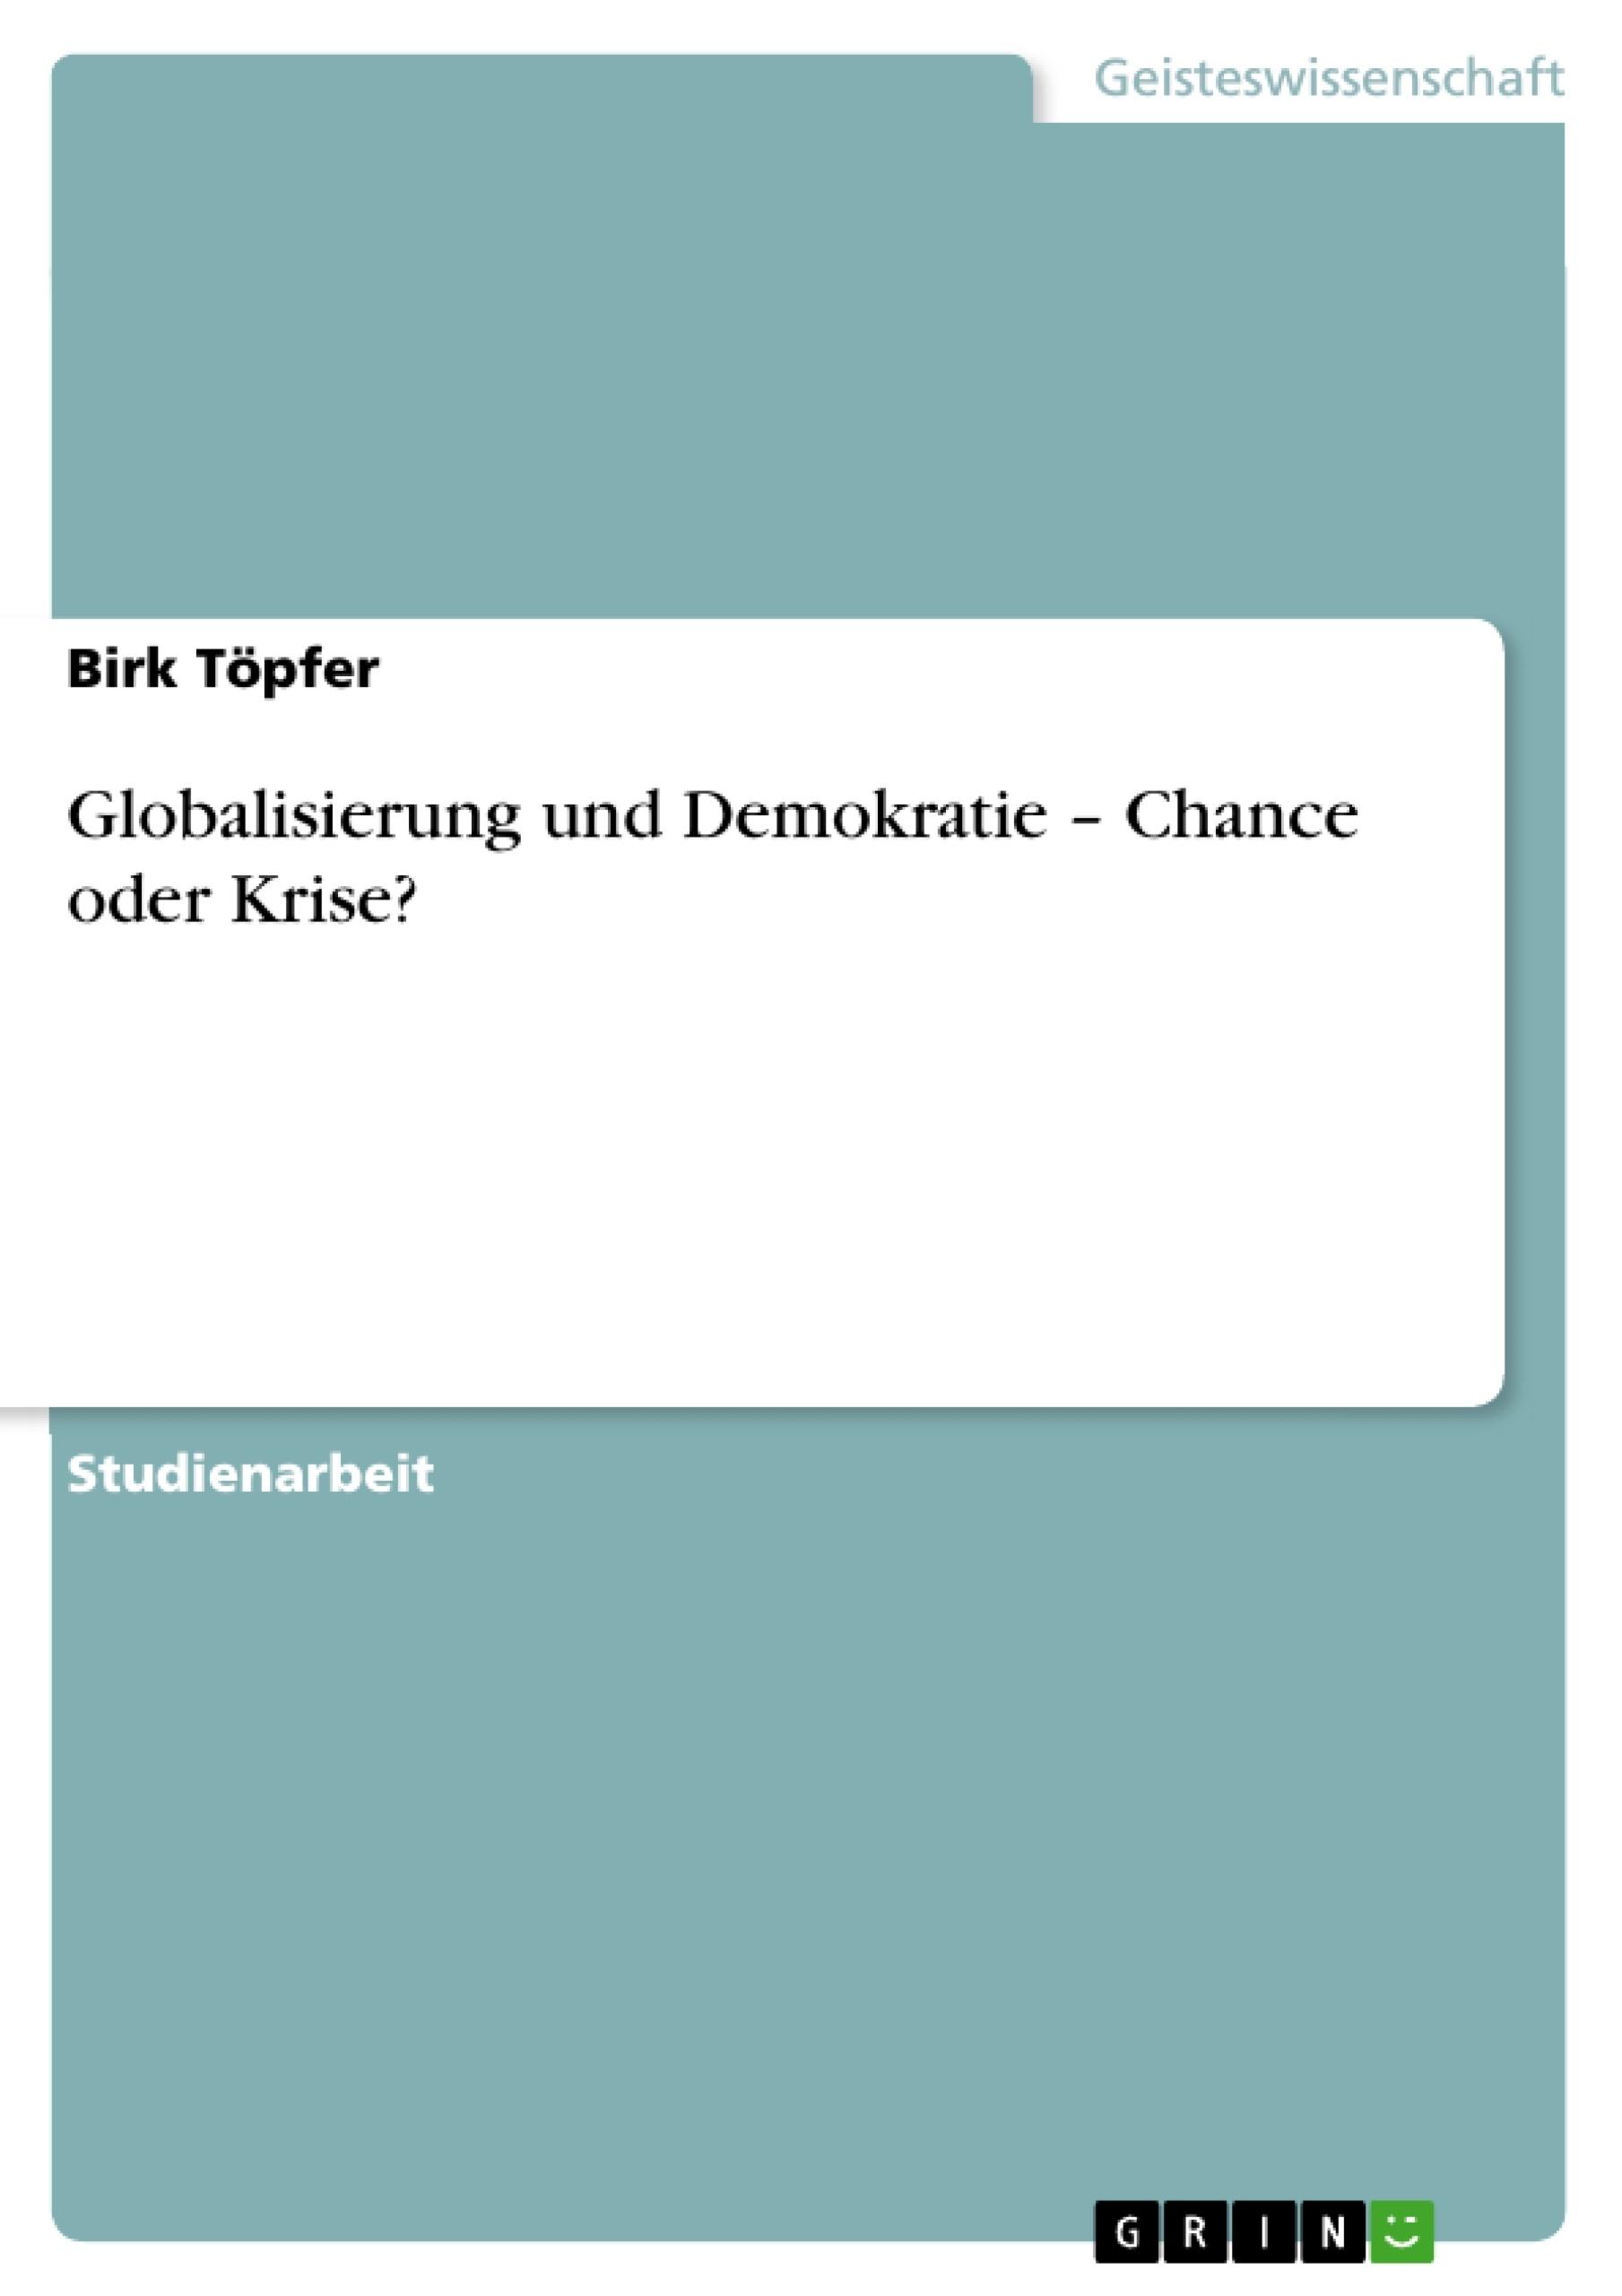 Titel: Globalisierung und Demokratie – Chance oder Krise?